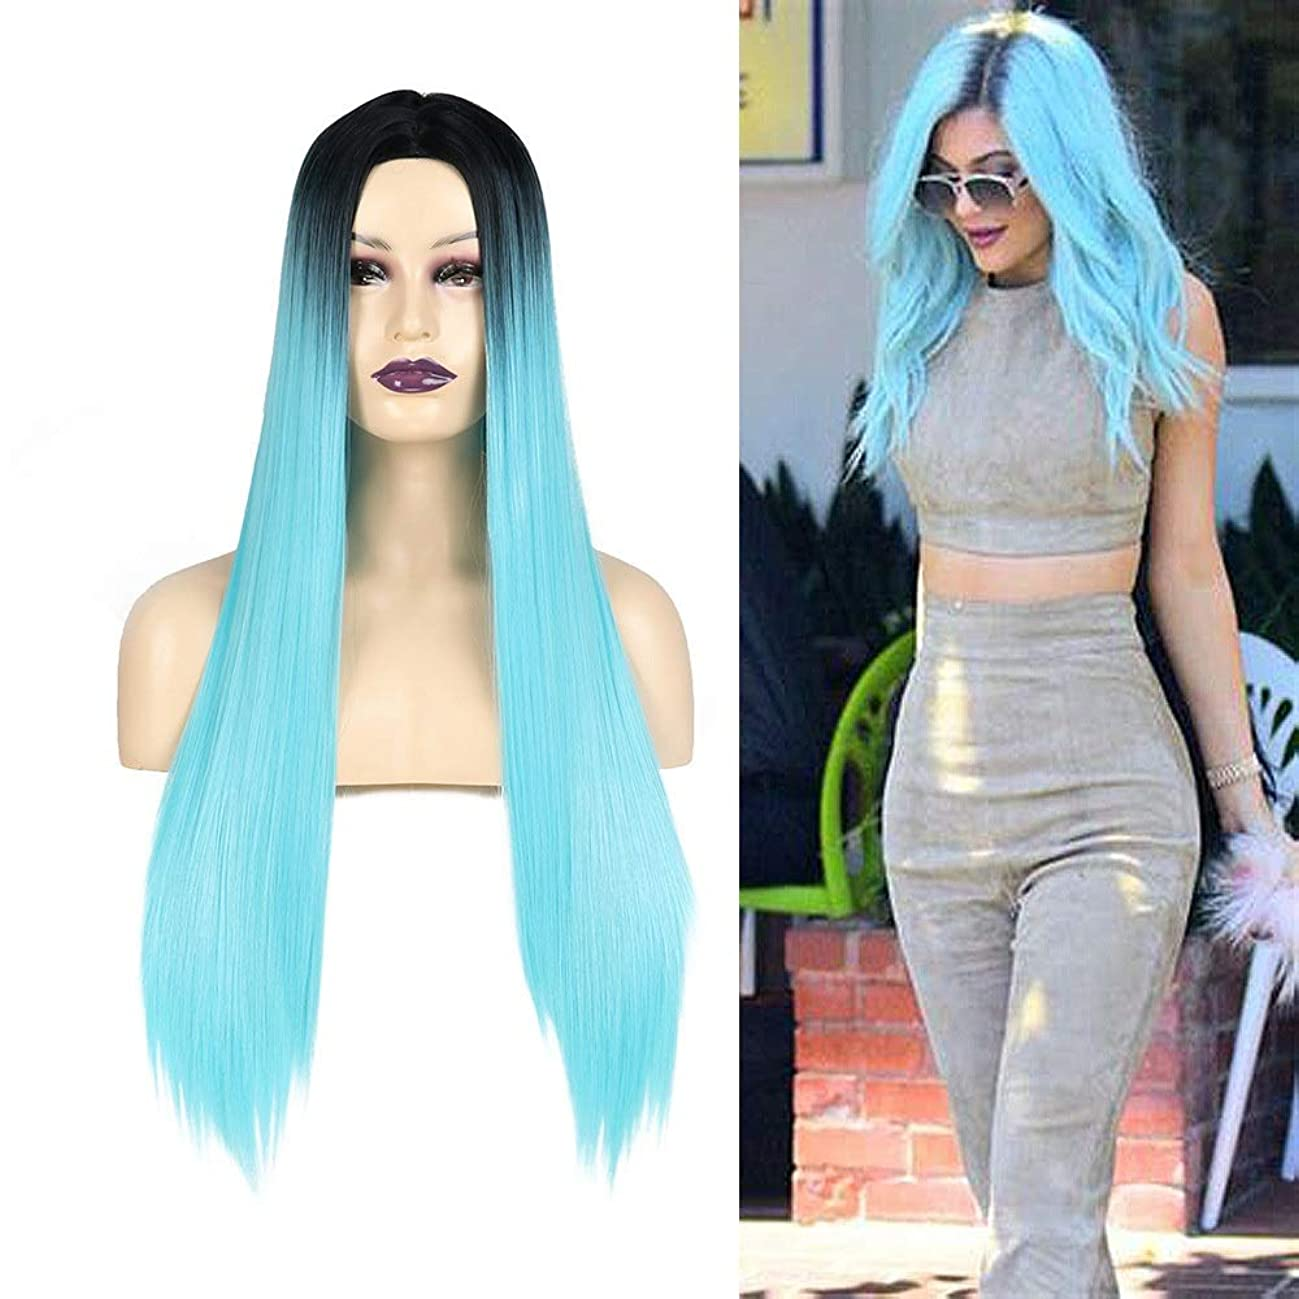 物理的な入り口収入HOHYLLYA ダークルーツグラデーションブルーロングストレートヘアミドルパートフリーキャップ用女性コスプレパーティードレスロングストレートヘア (Color : ブルー)